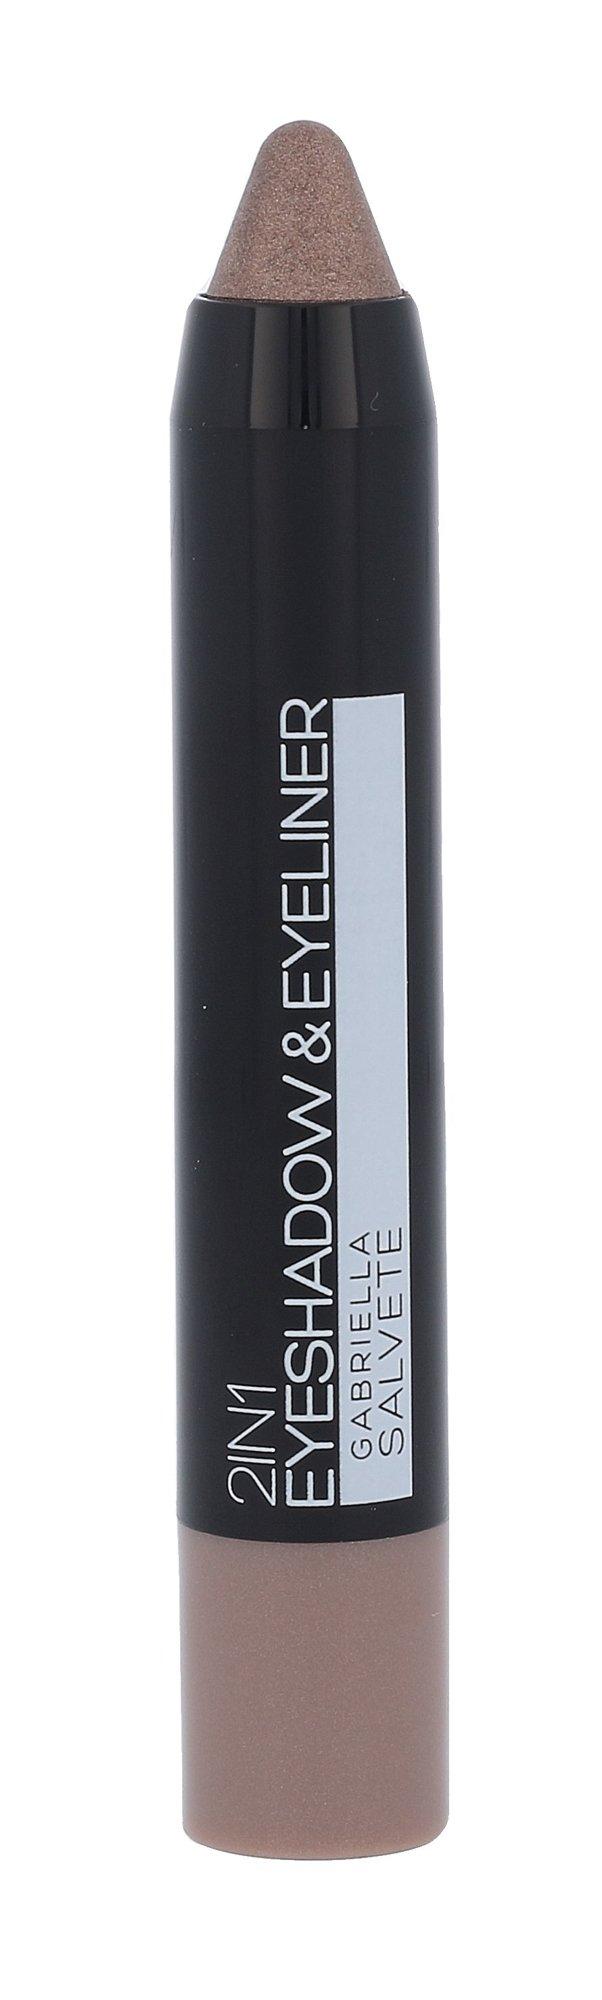 Gabriella Salvete Eyeshadow & Eyeliner 2in1 Cosmetic 3,5g 04 Metallic Beige